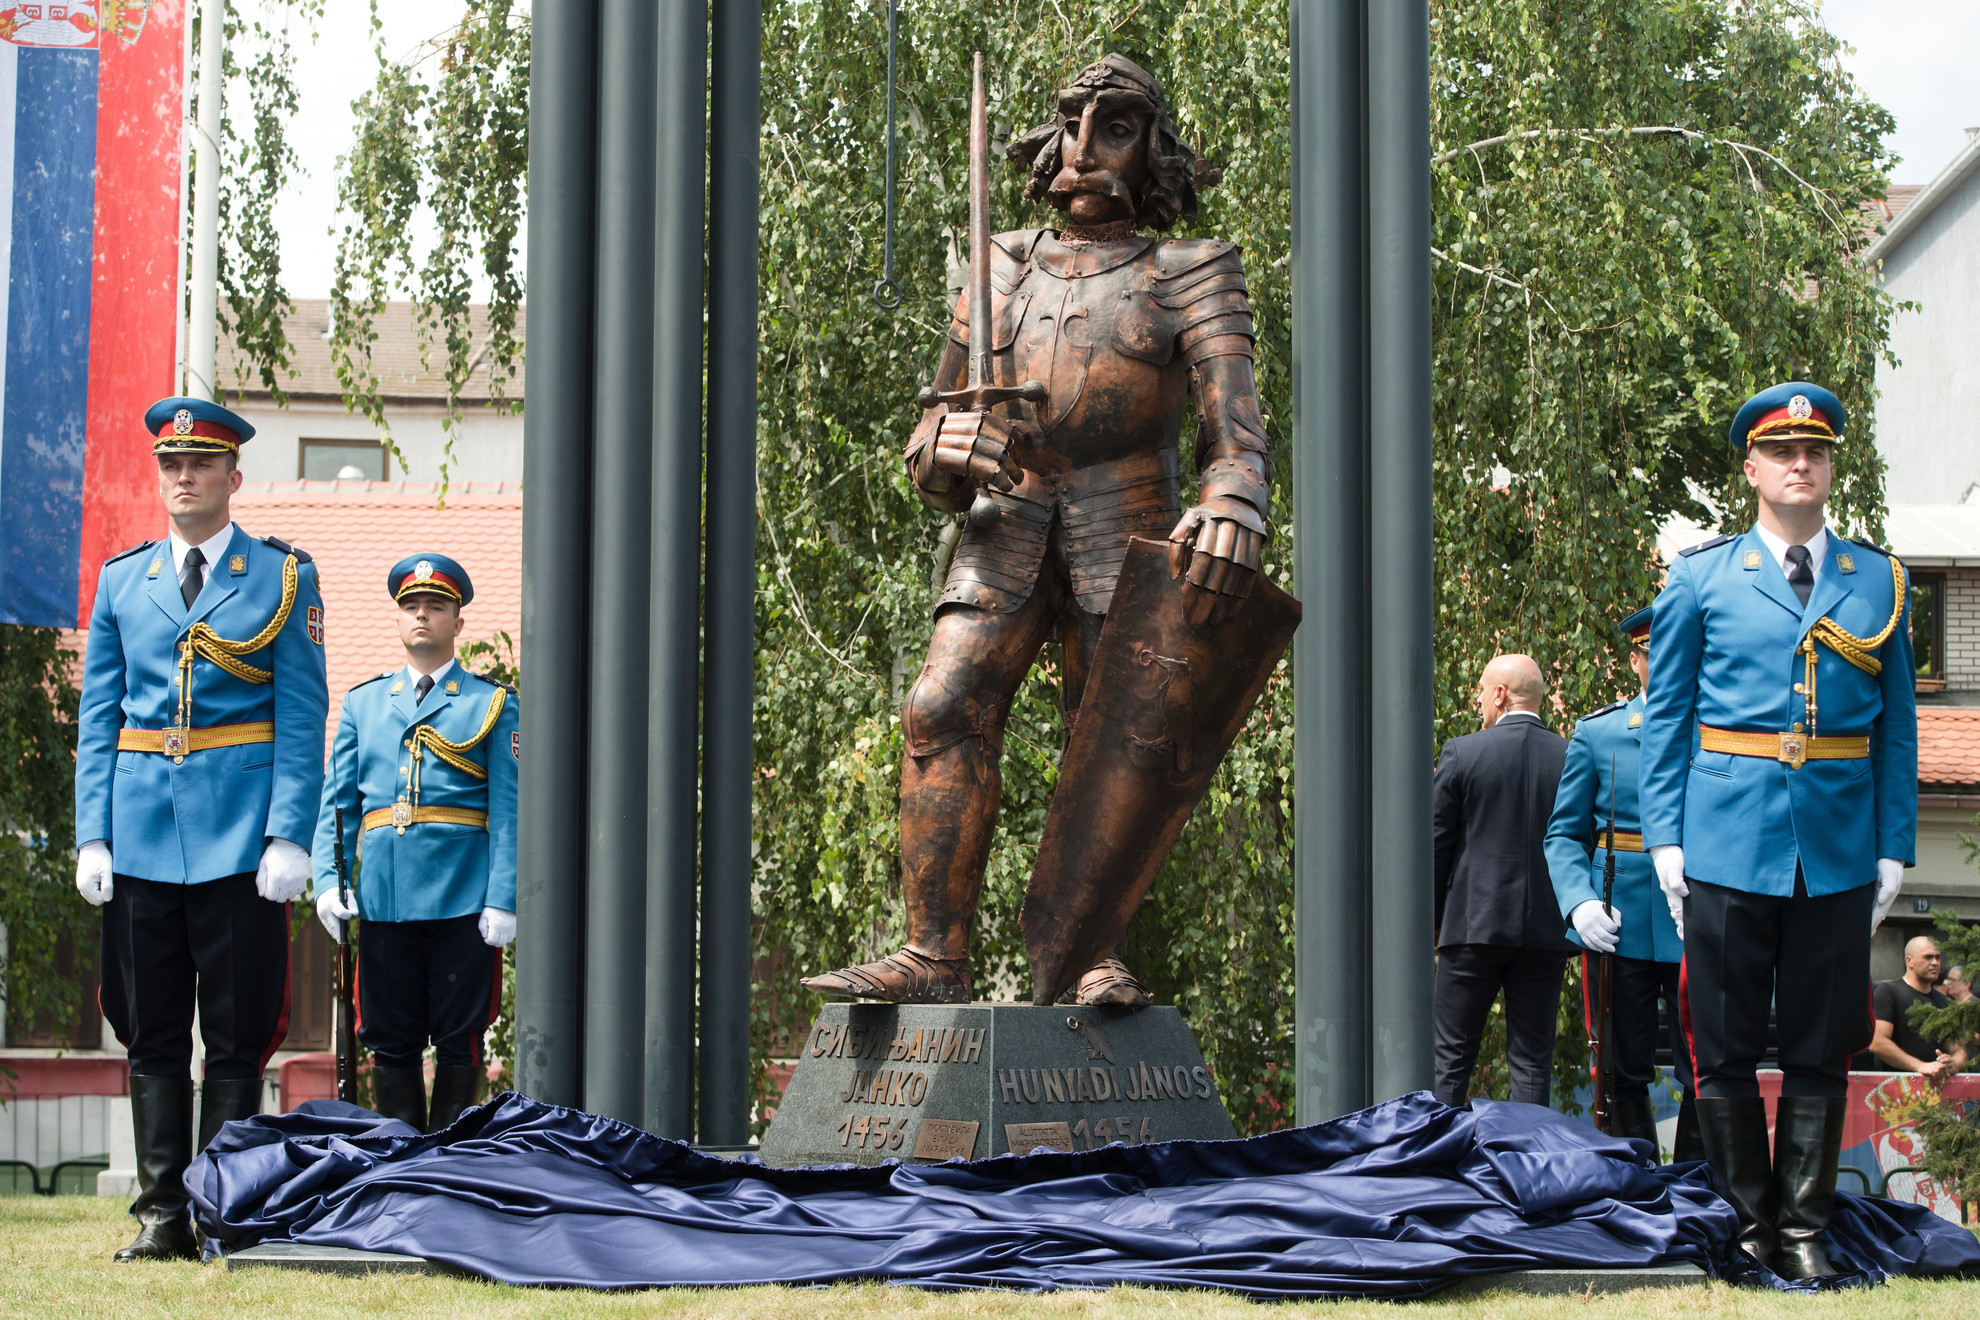 Hunyadi János újonnan felavatott szobra a Belgrádhoz tartozó Zimonyban